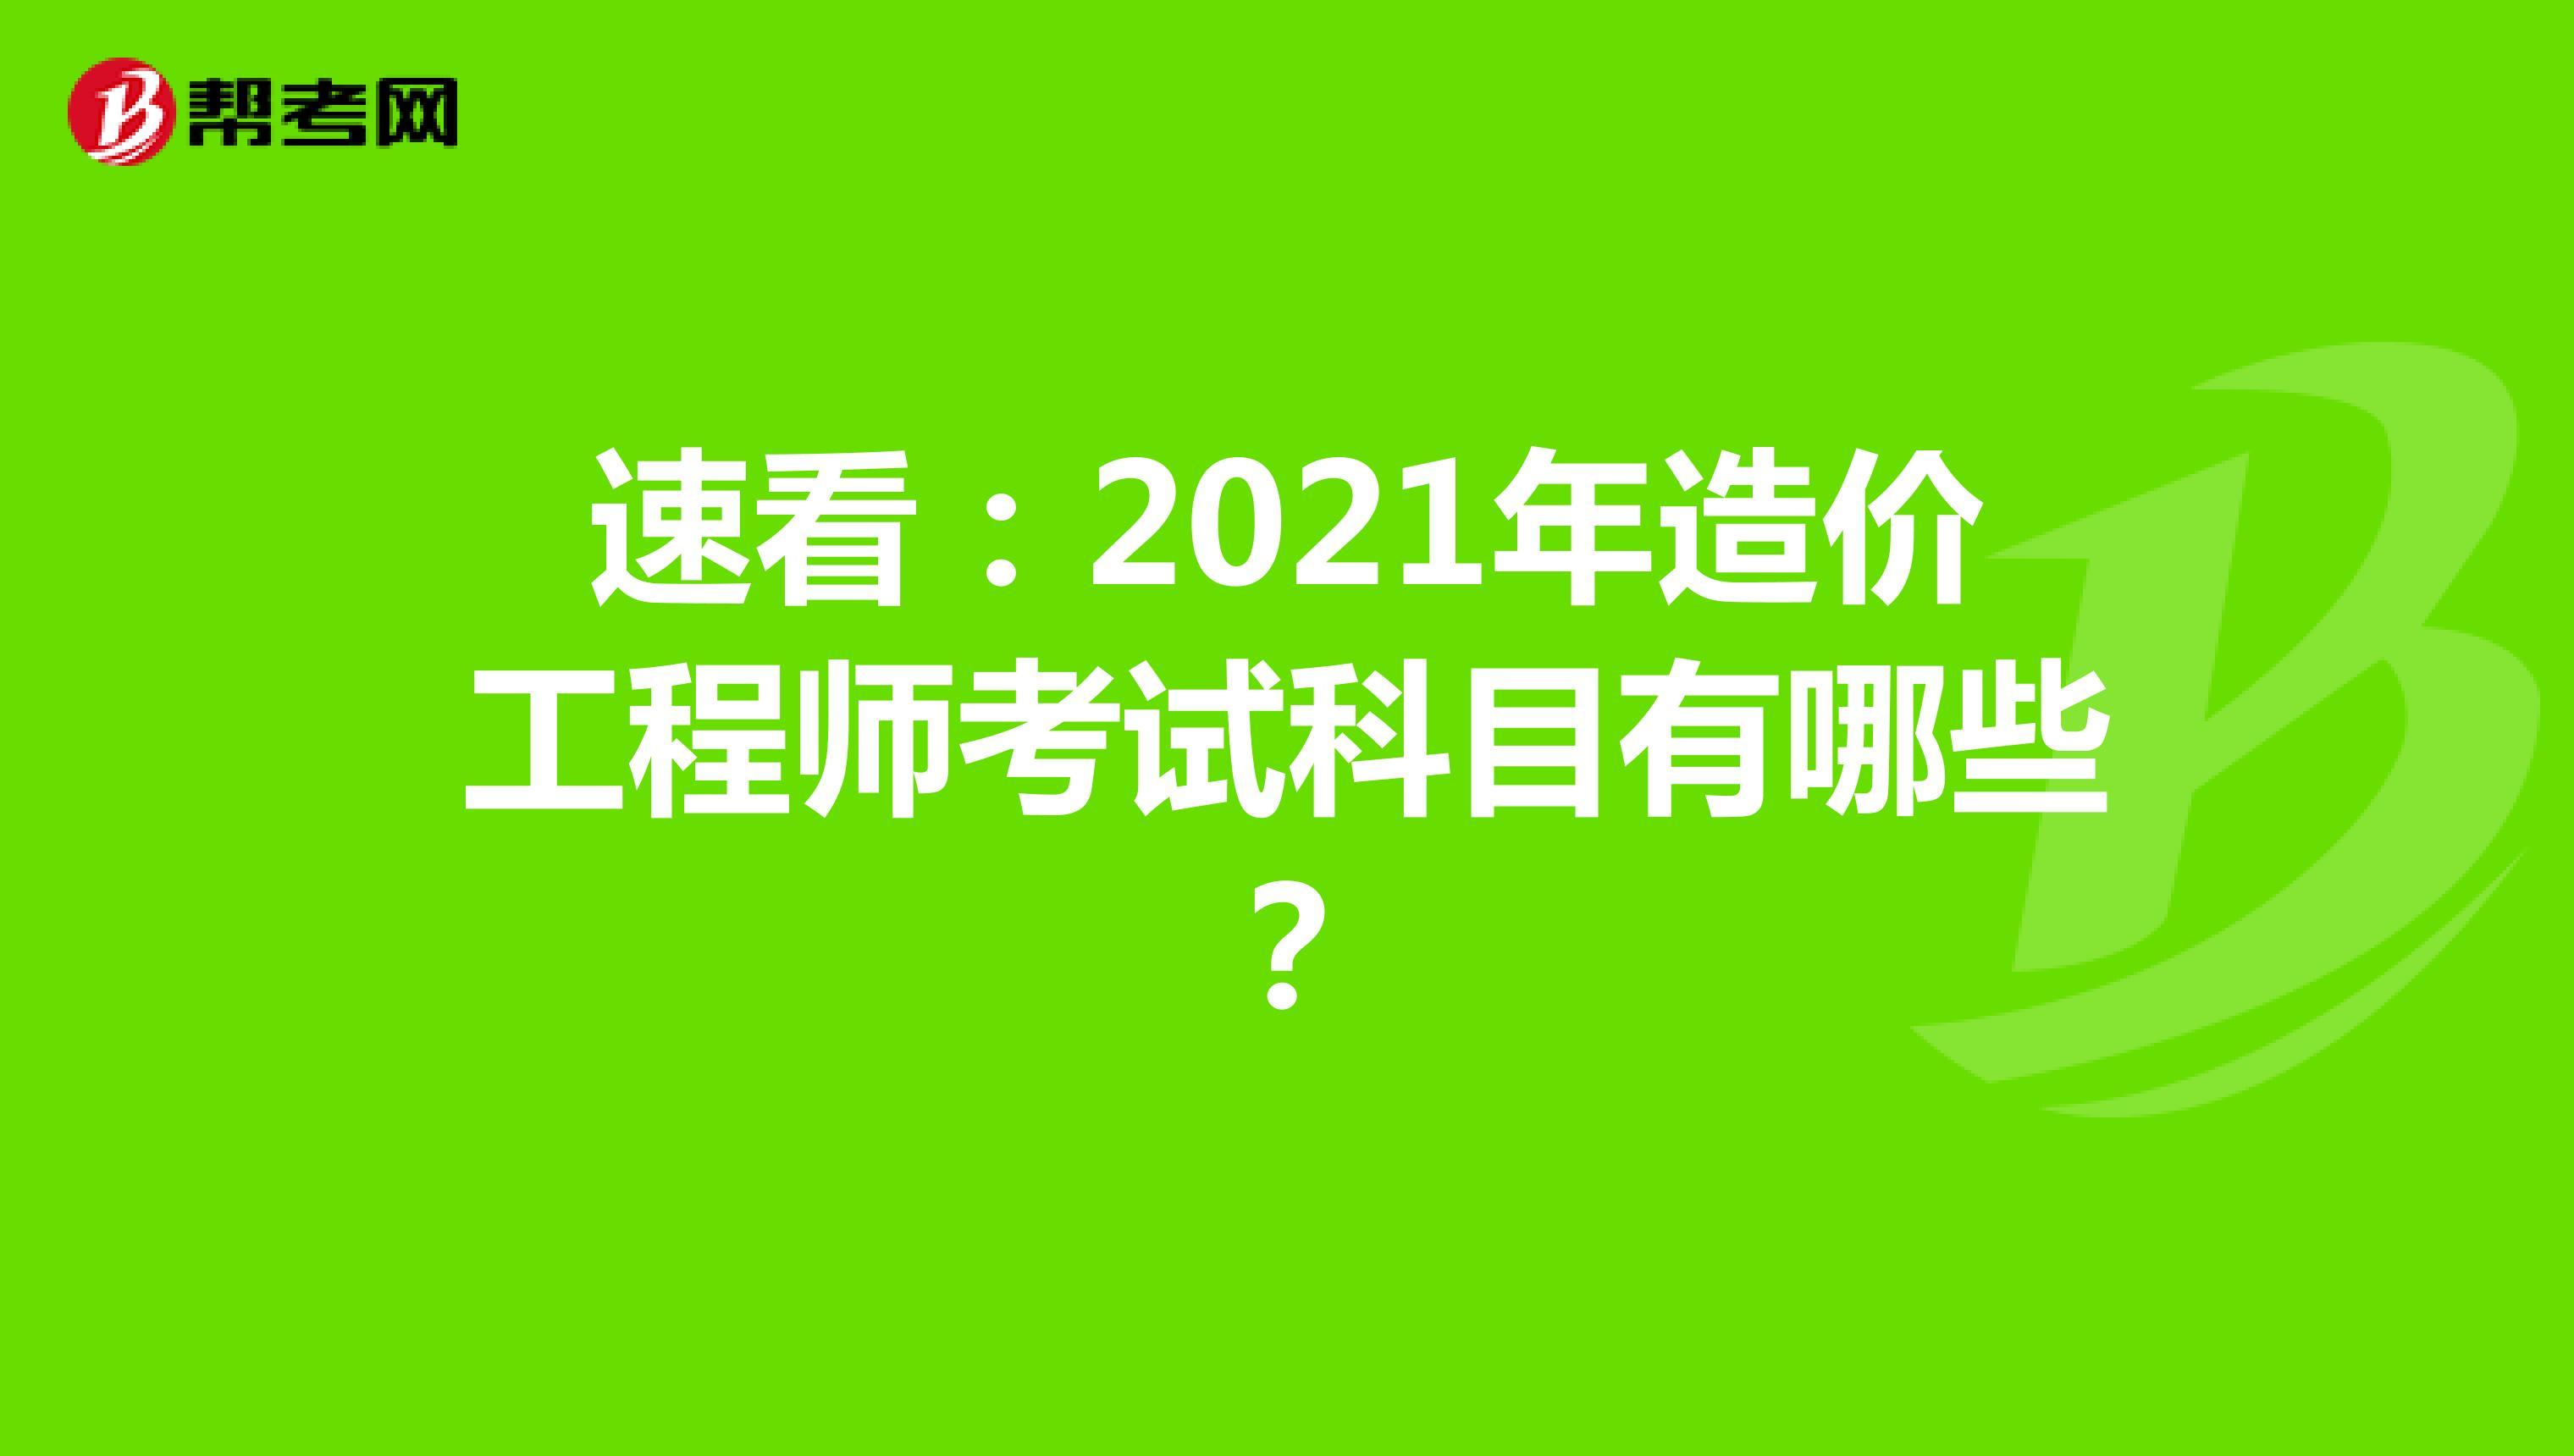 速看:2021年造价工程师考试科目有哪些?